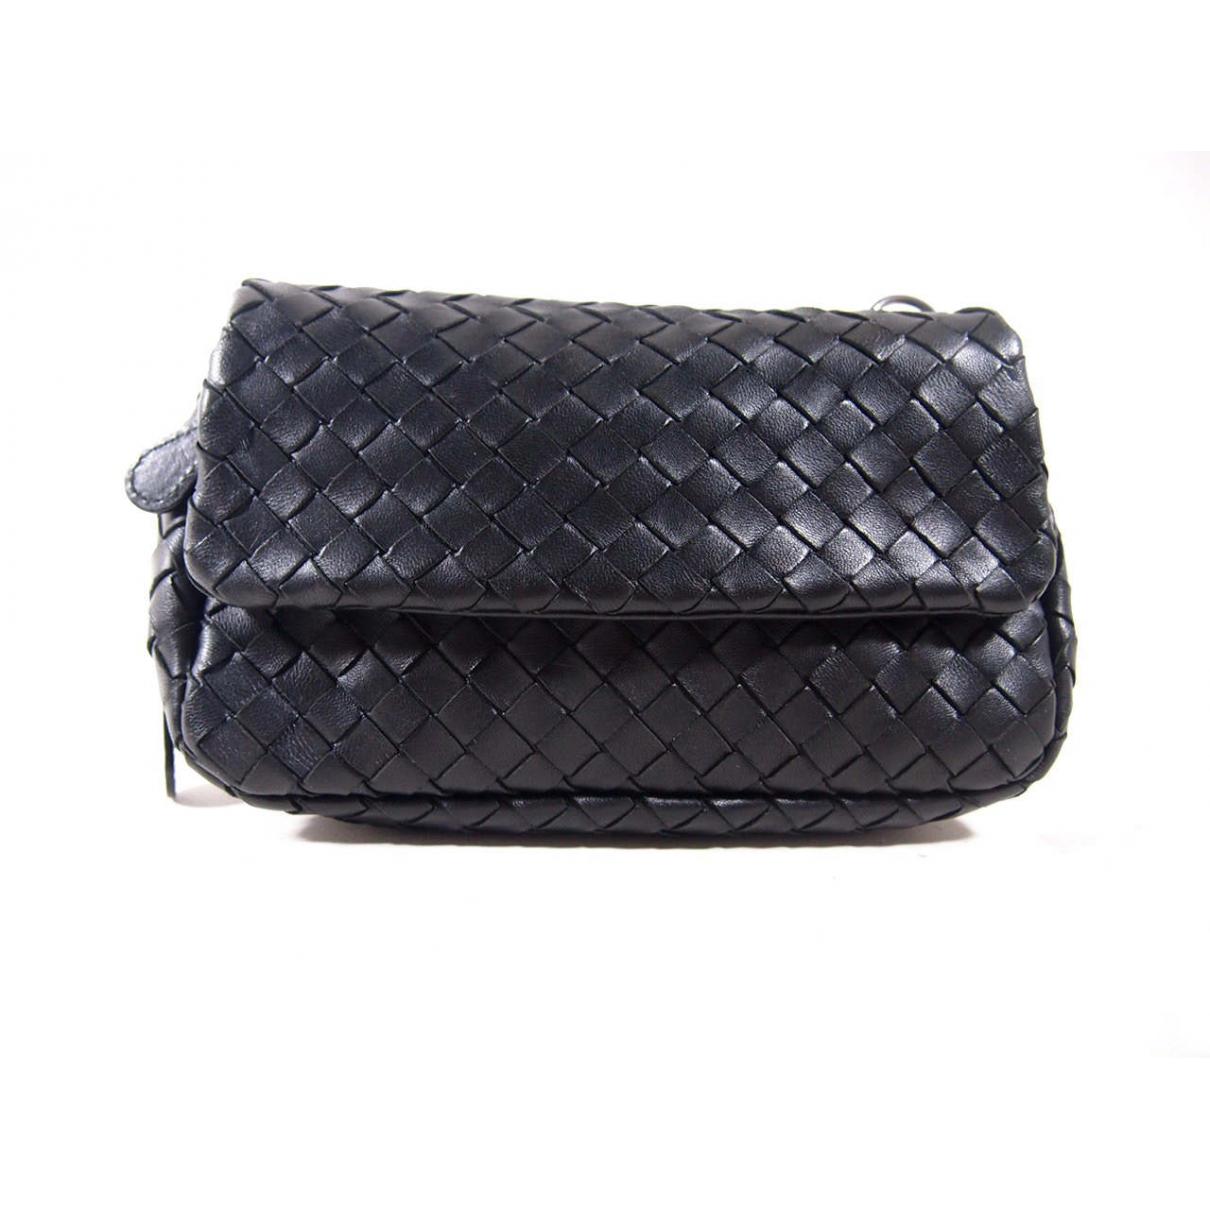 Bottega Veneta \N Black Leather handbag for Women \N